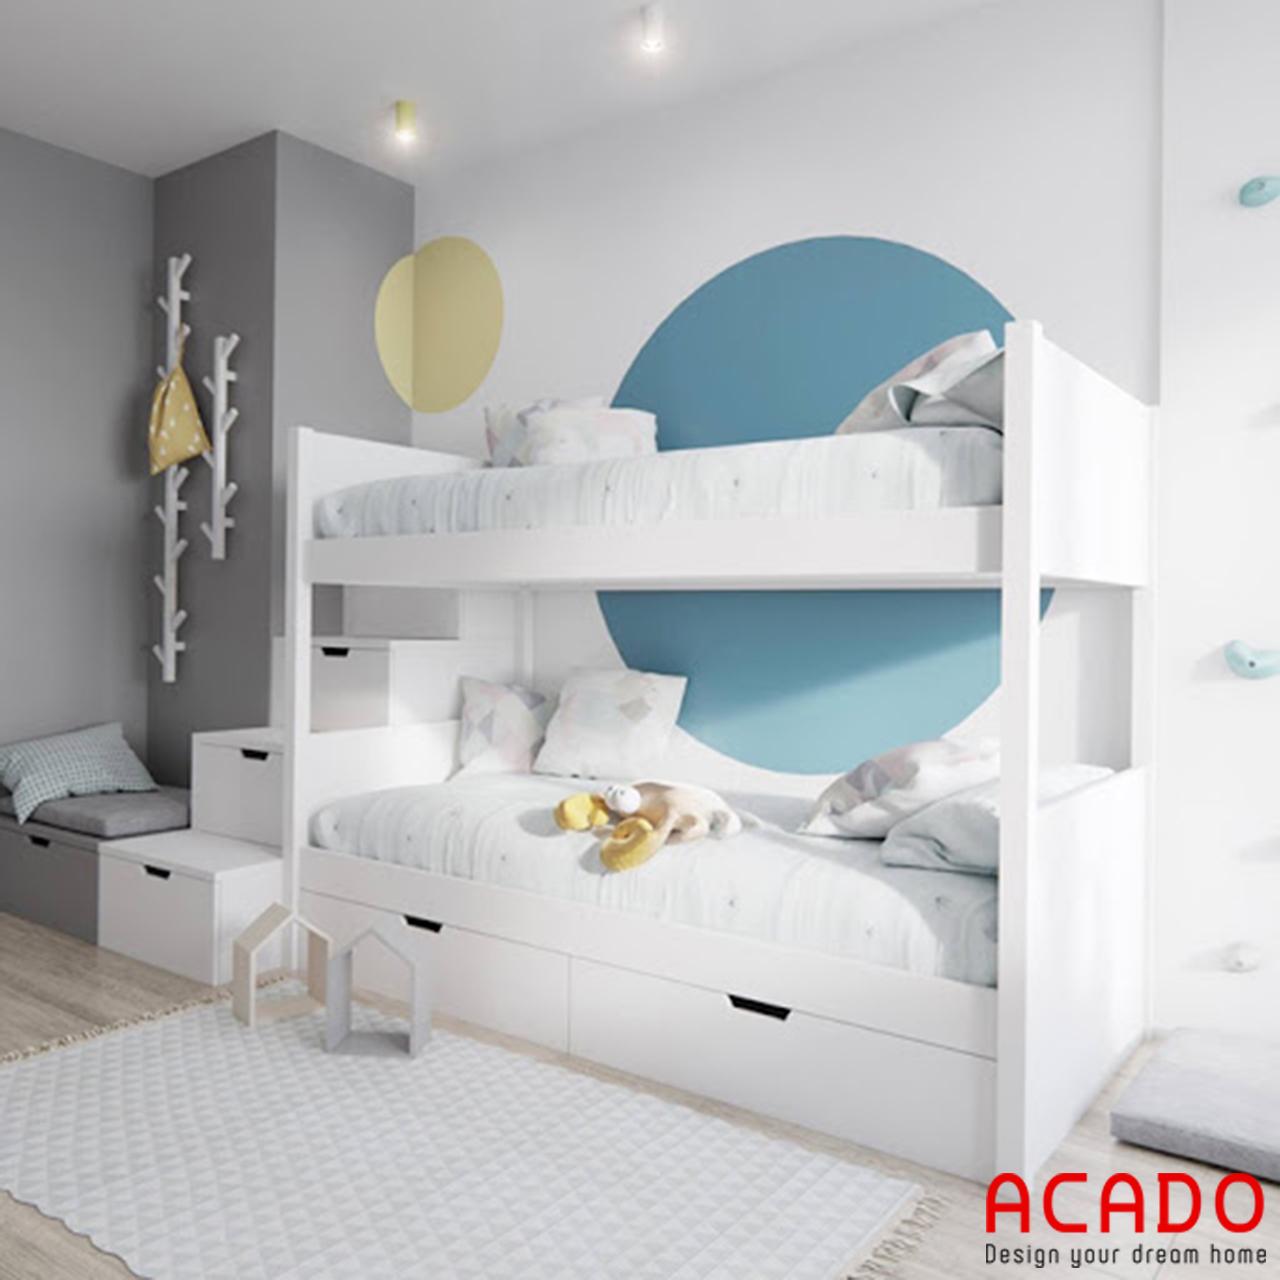 Giường ngủ gỗ công nghiệp Melamin màu trắng trẻ trung, hiện đại